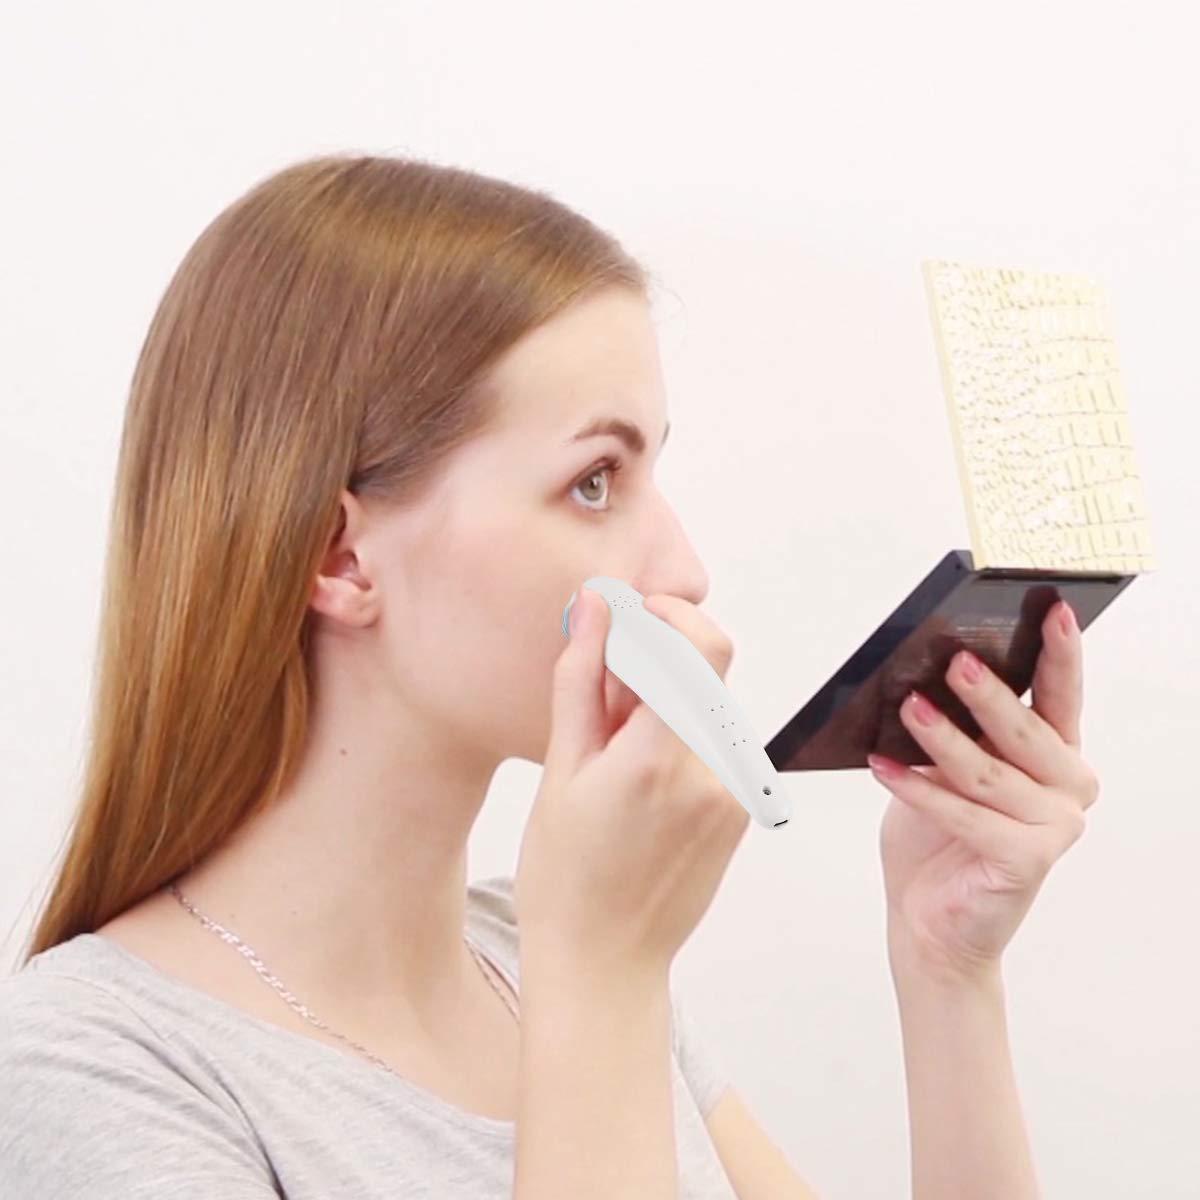 Beautural Saug-Porenreiniger und Mitesser Entferner, USB wiederaufladbares elektrisches Vakuum Beauty-Gerät und Akne- und Hautunreinheiten-Entfernungsgerät, Pickel-Extraktor und Microdermabrasion Peeling-Maschine für Frauen und Männer